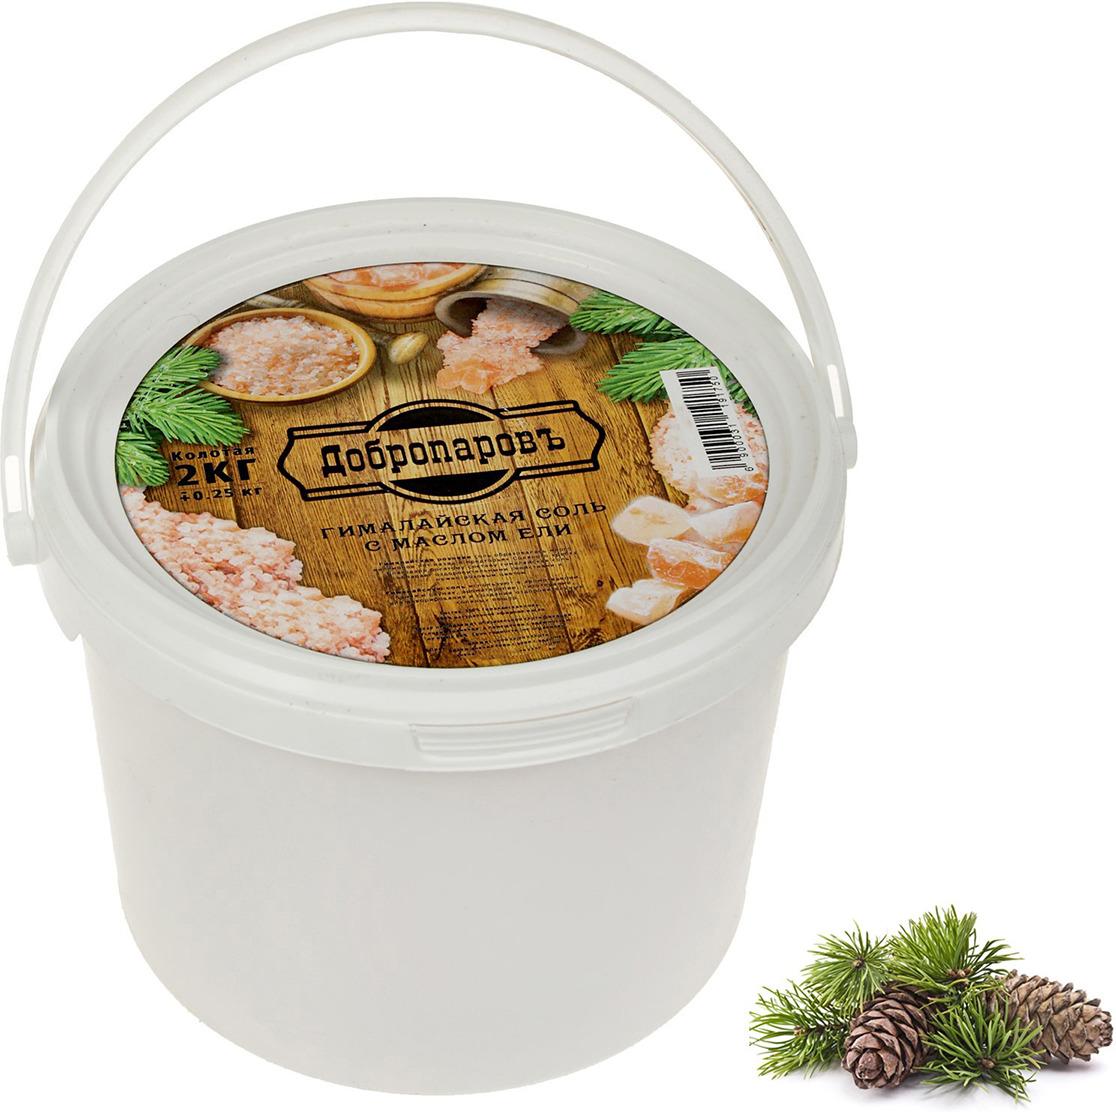 Гималайская розовая соль Добропаровъ, с маслом ели, колотая, 2 кг приправка соль гималайская розовая со средиземноморскими травами 200 г